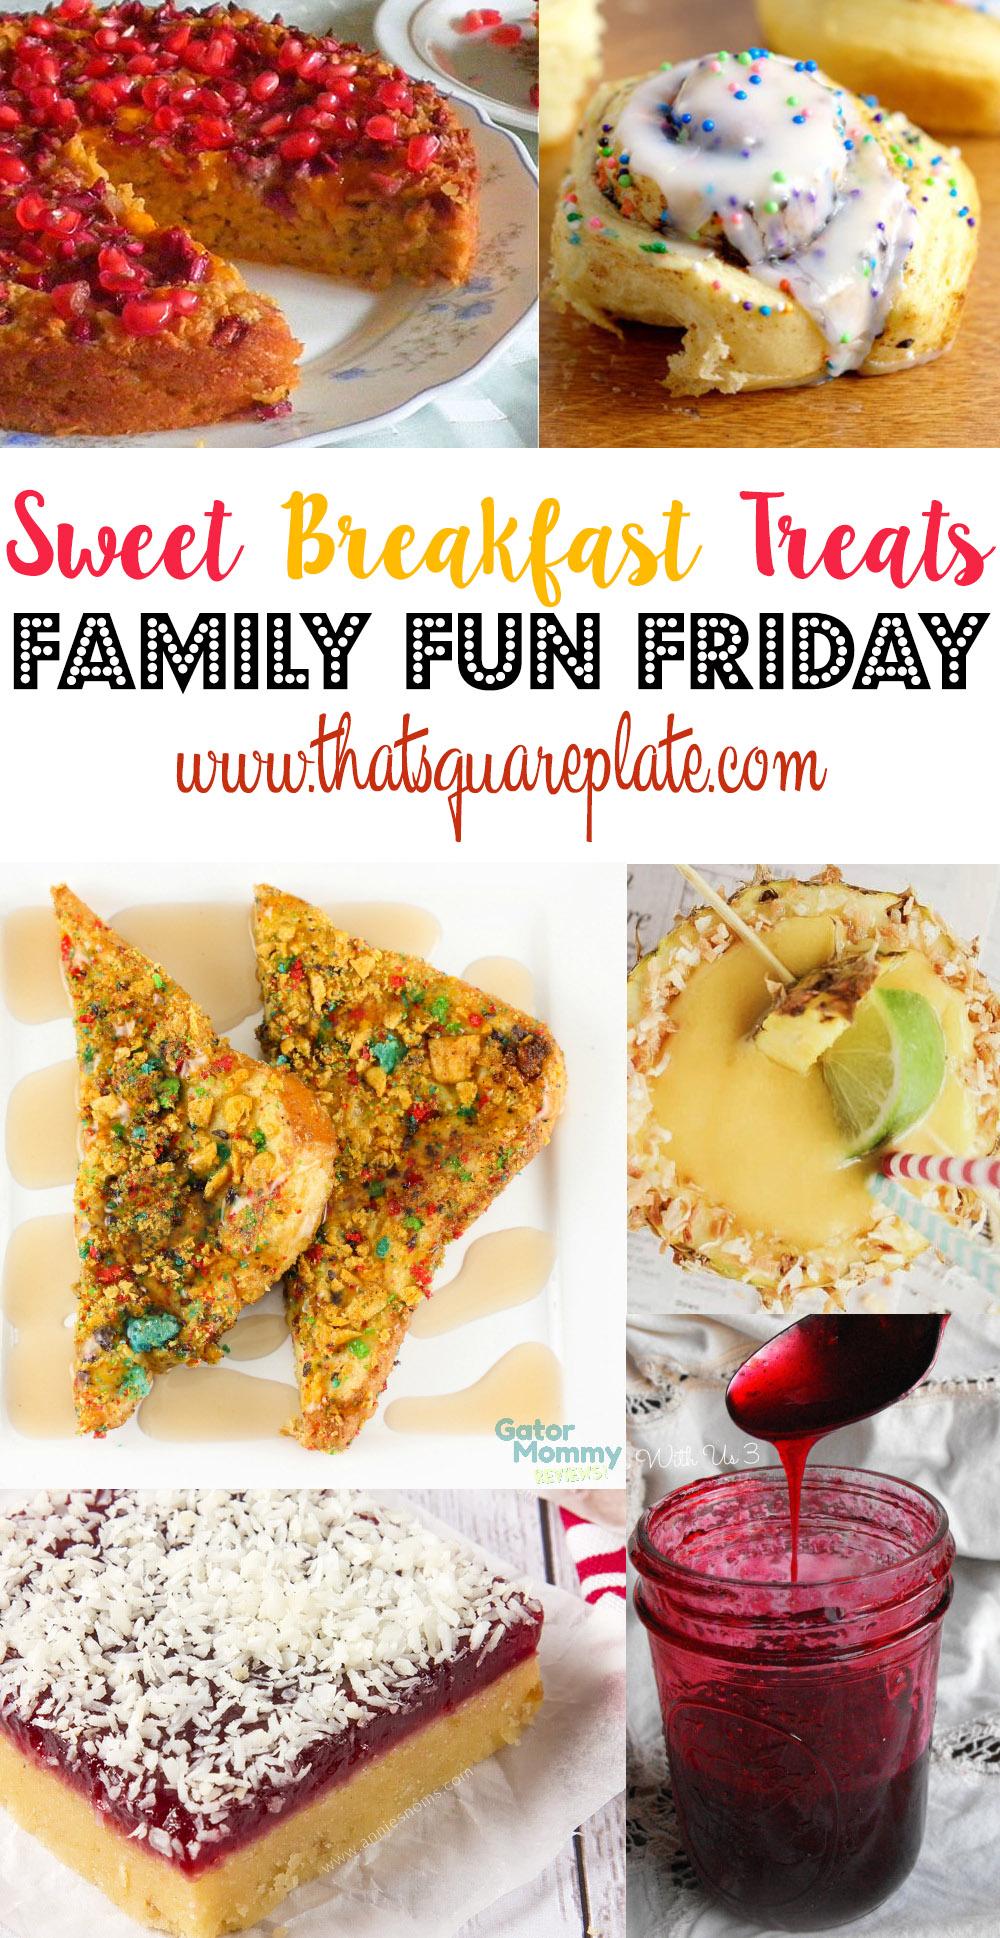 Sweet Breakfast Treats Family Fun Friday PIN